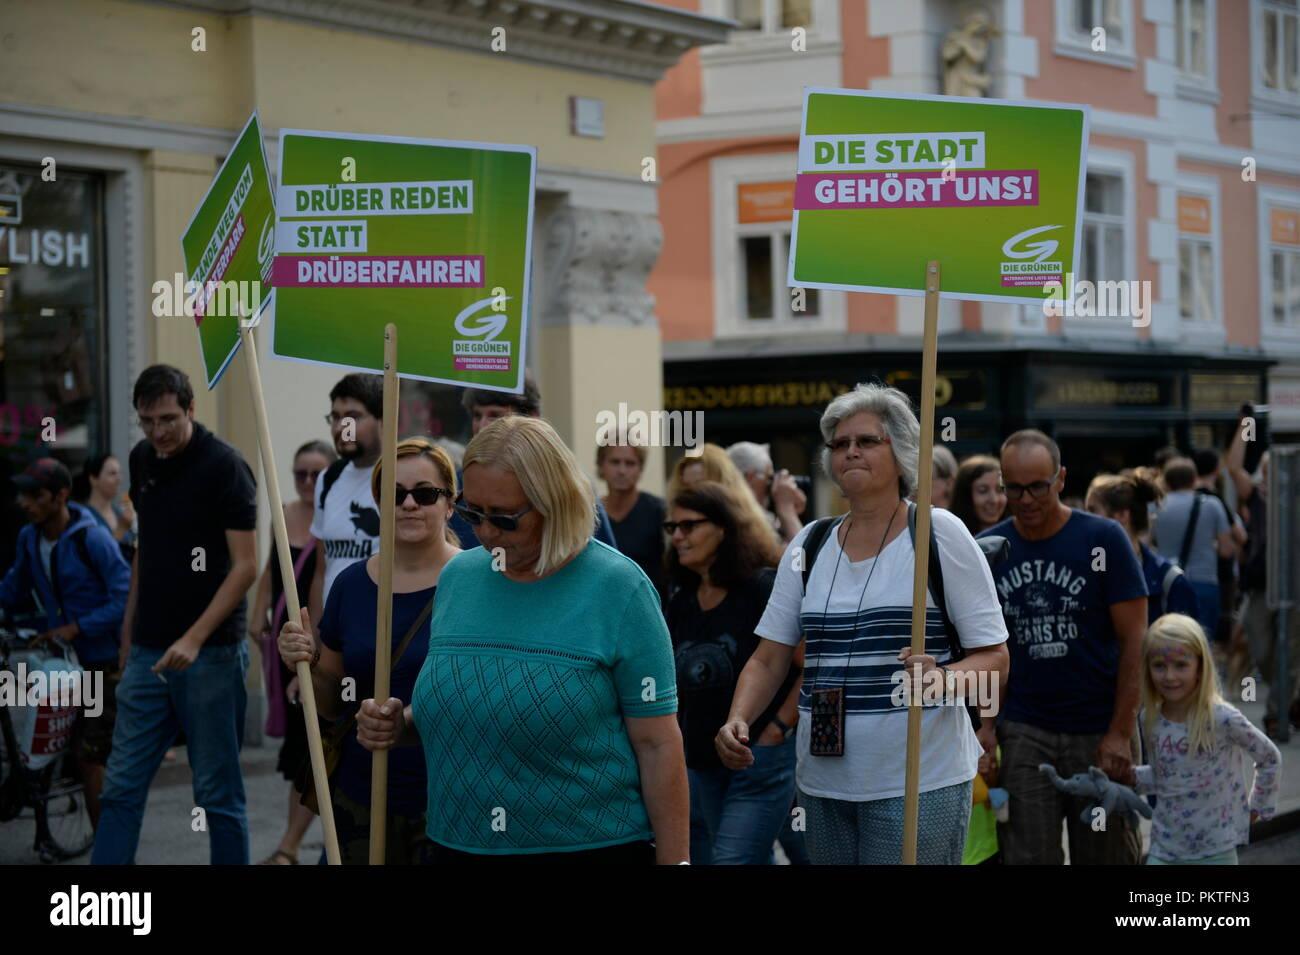 SEX ESCORT in Graz